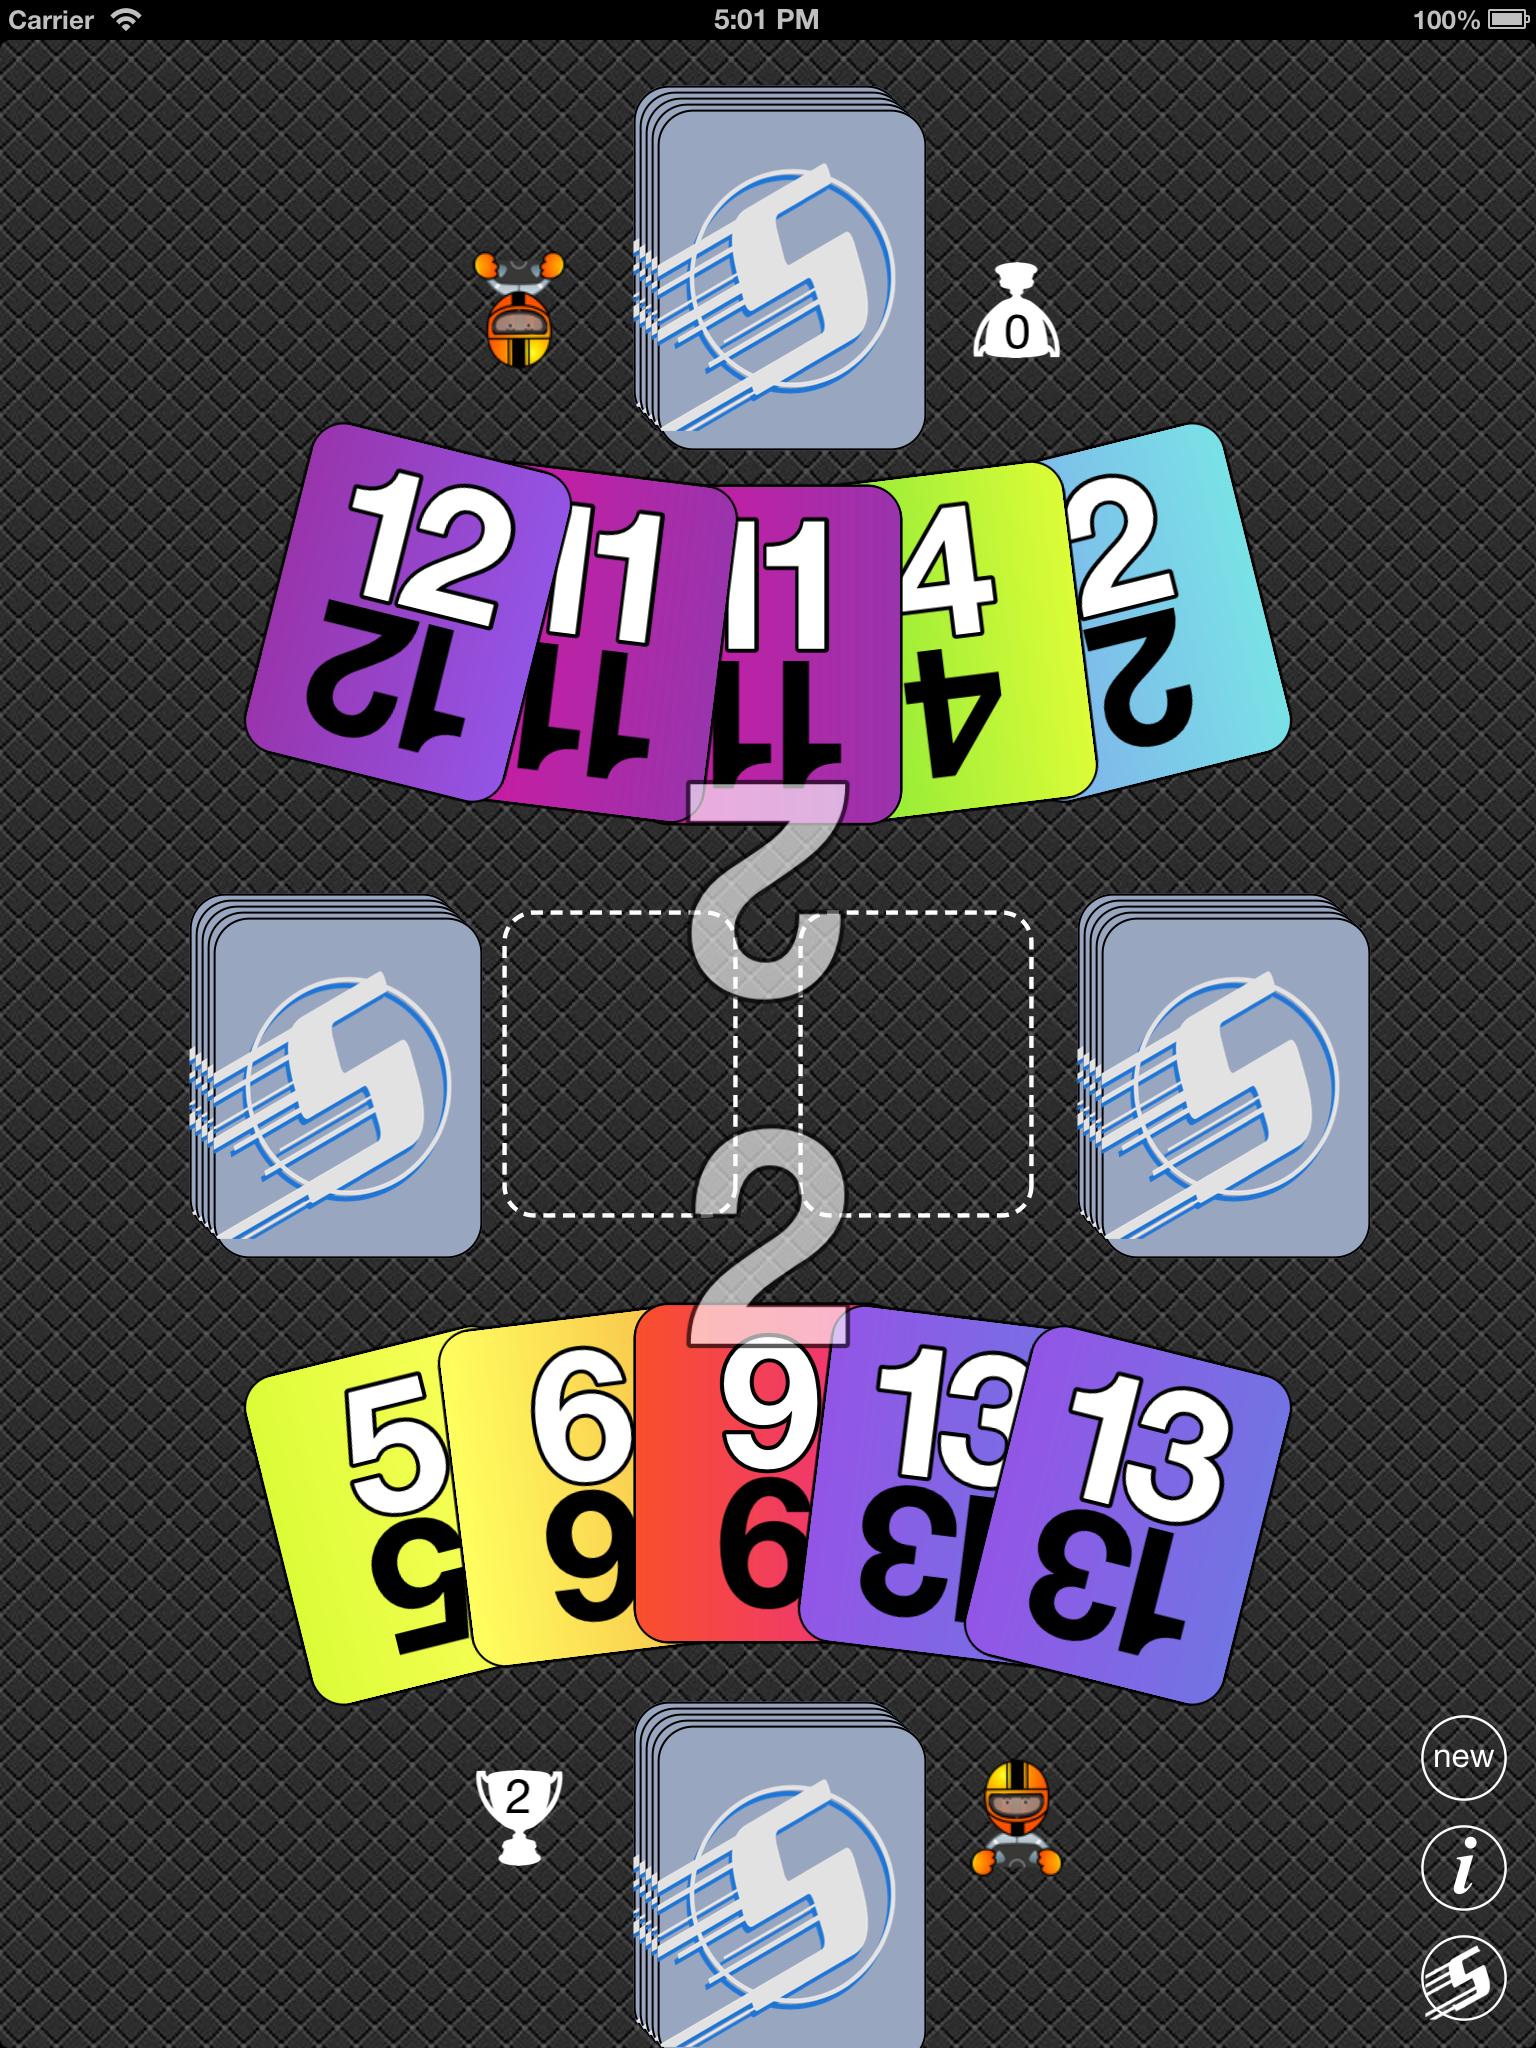 iOS Simulator Screen shot Jul 30, 2013 5.01.39 PM.png